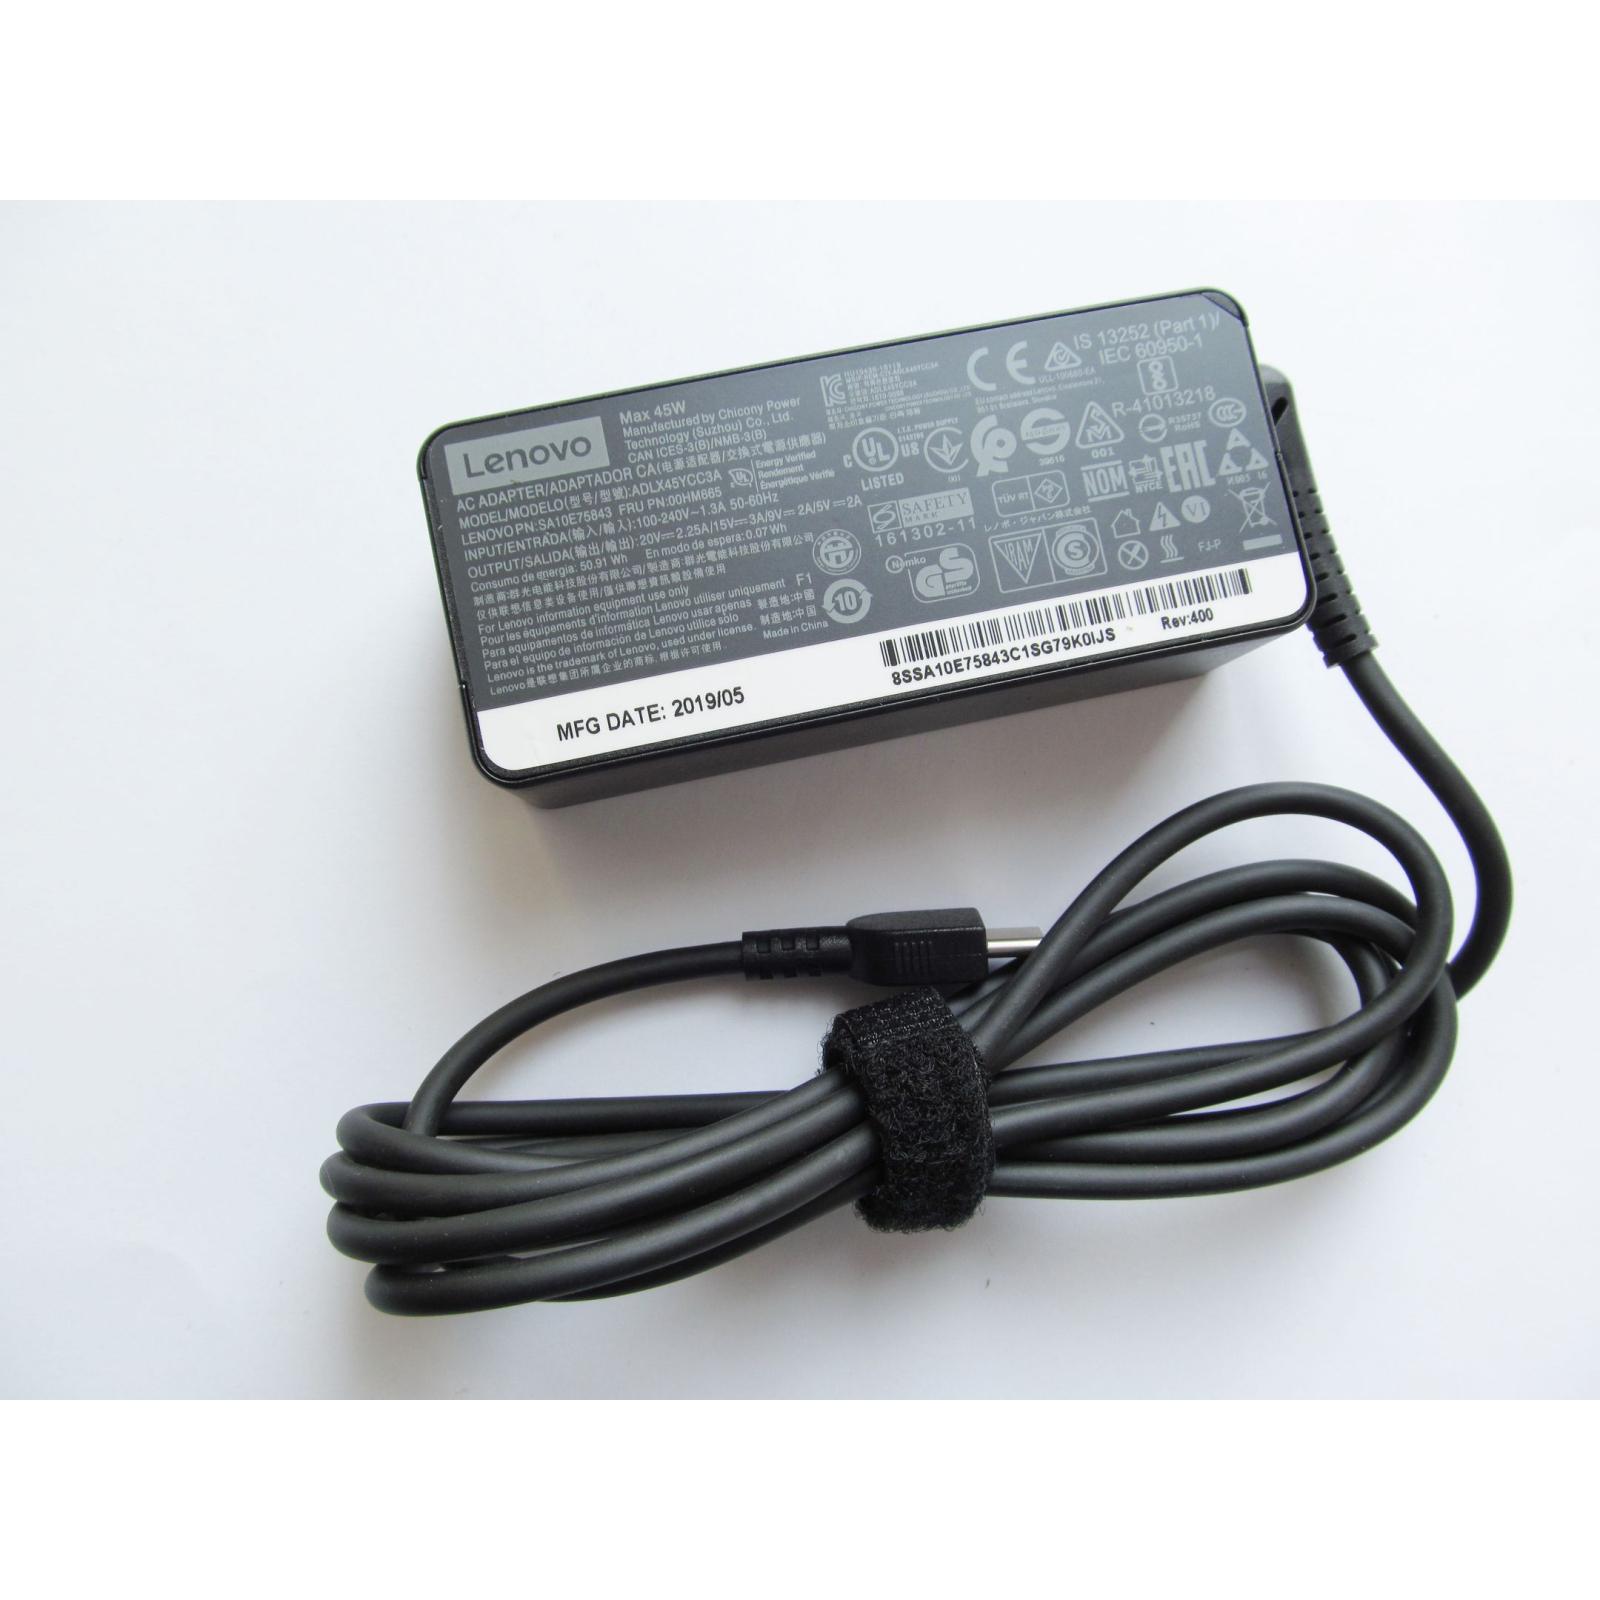 Блок питания к ноутбуку Lenovo 45W 20V, 2.25A +15V, 3A +9V, 2A +5V, 2A, разъем USB Type-C (ADLX45YCC3A / A40265)